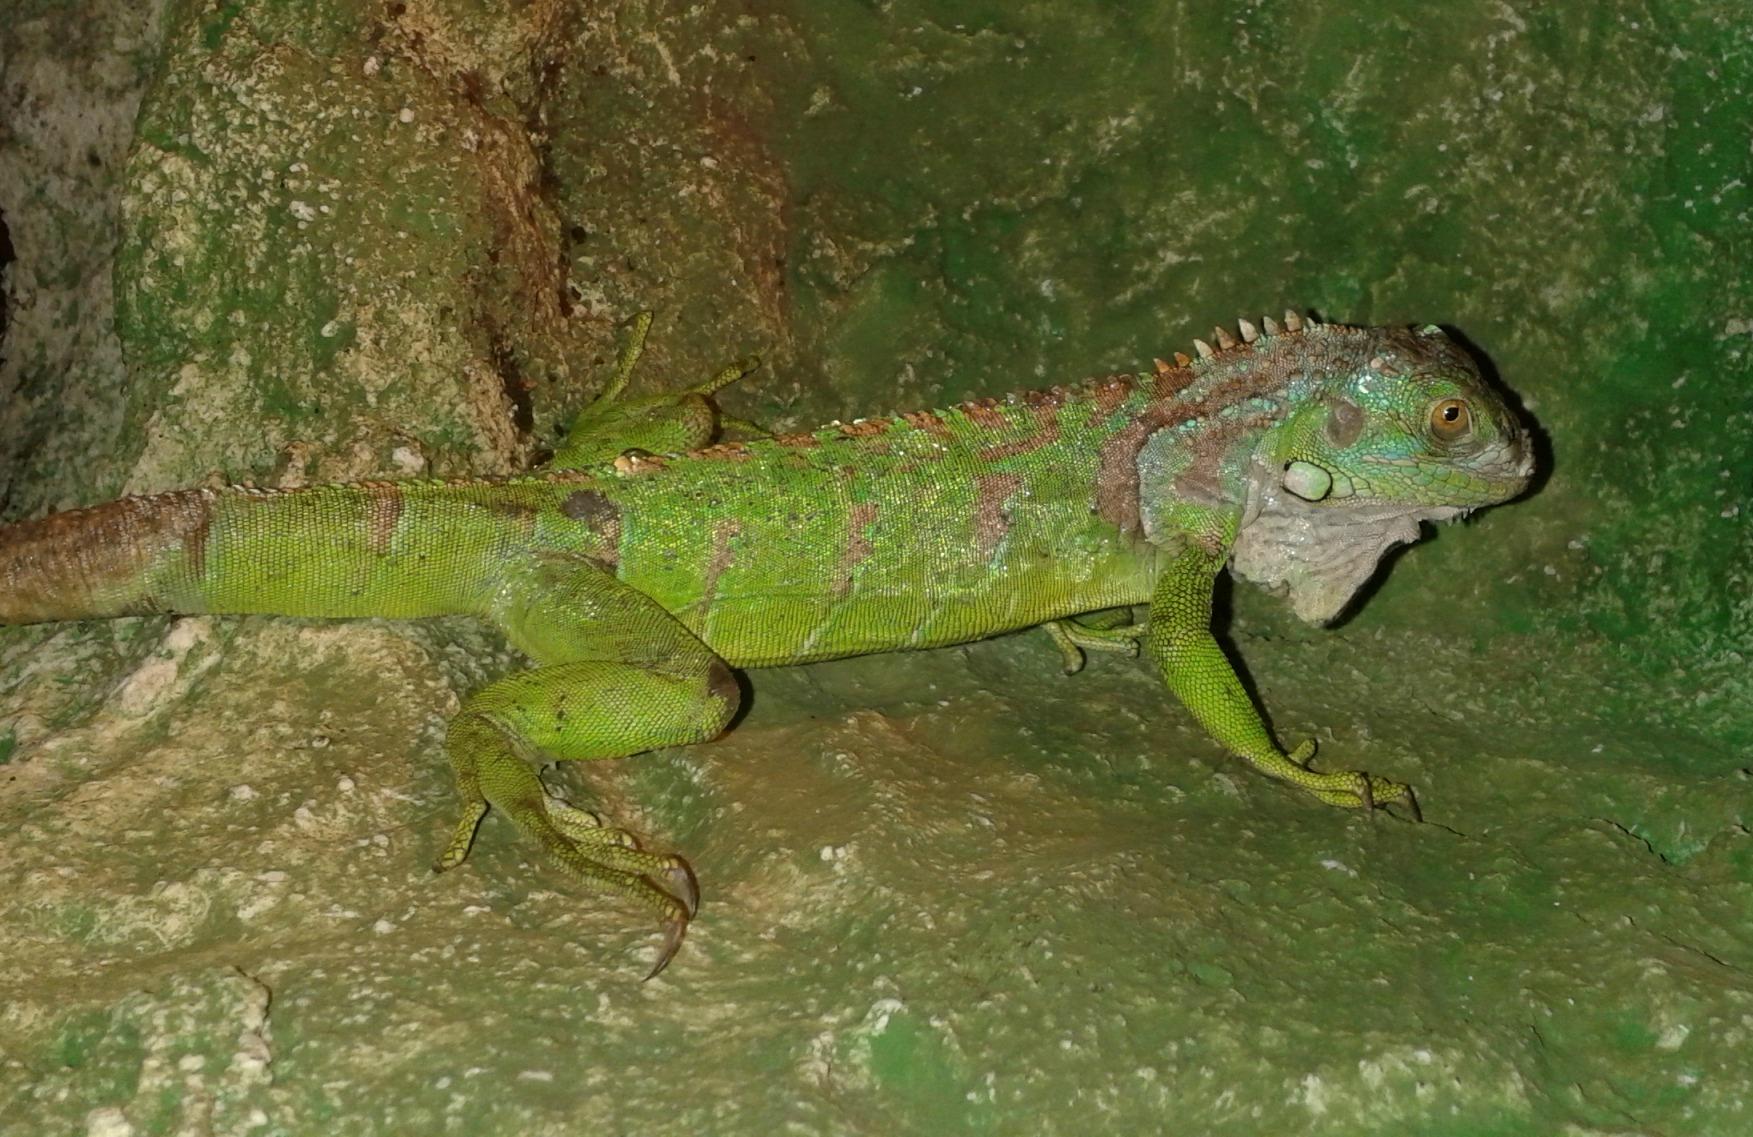 zöld leguán